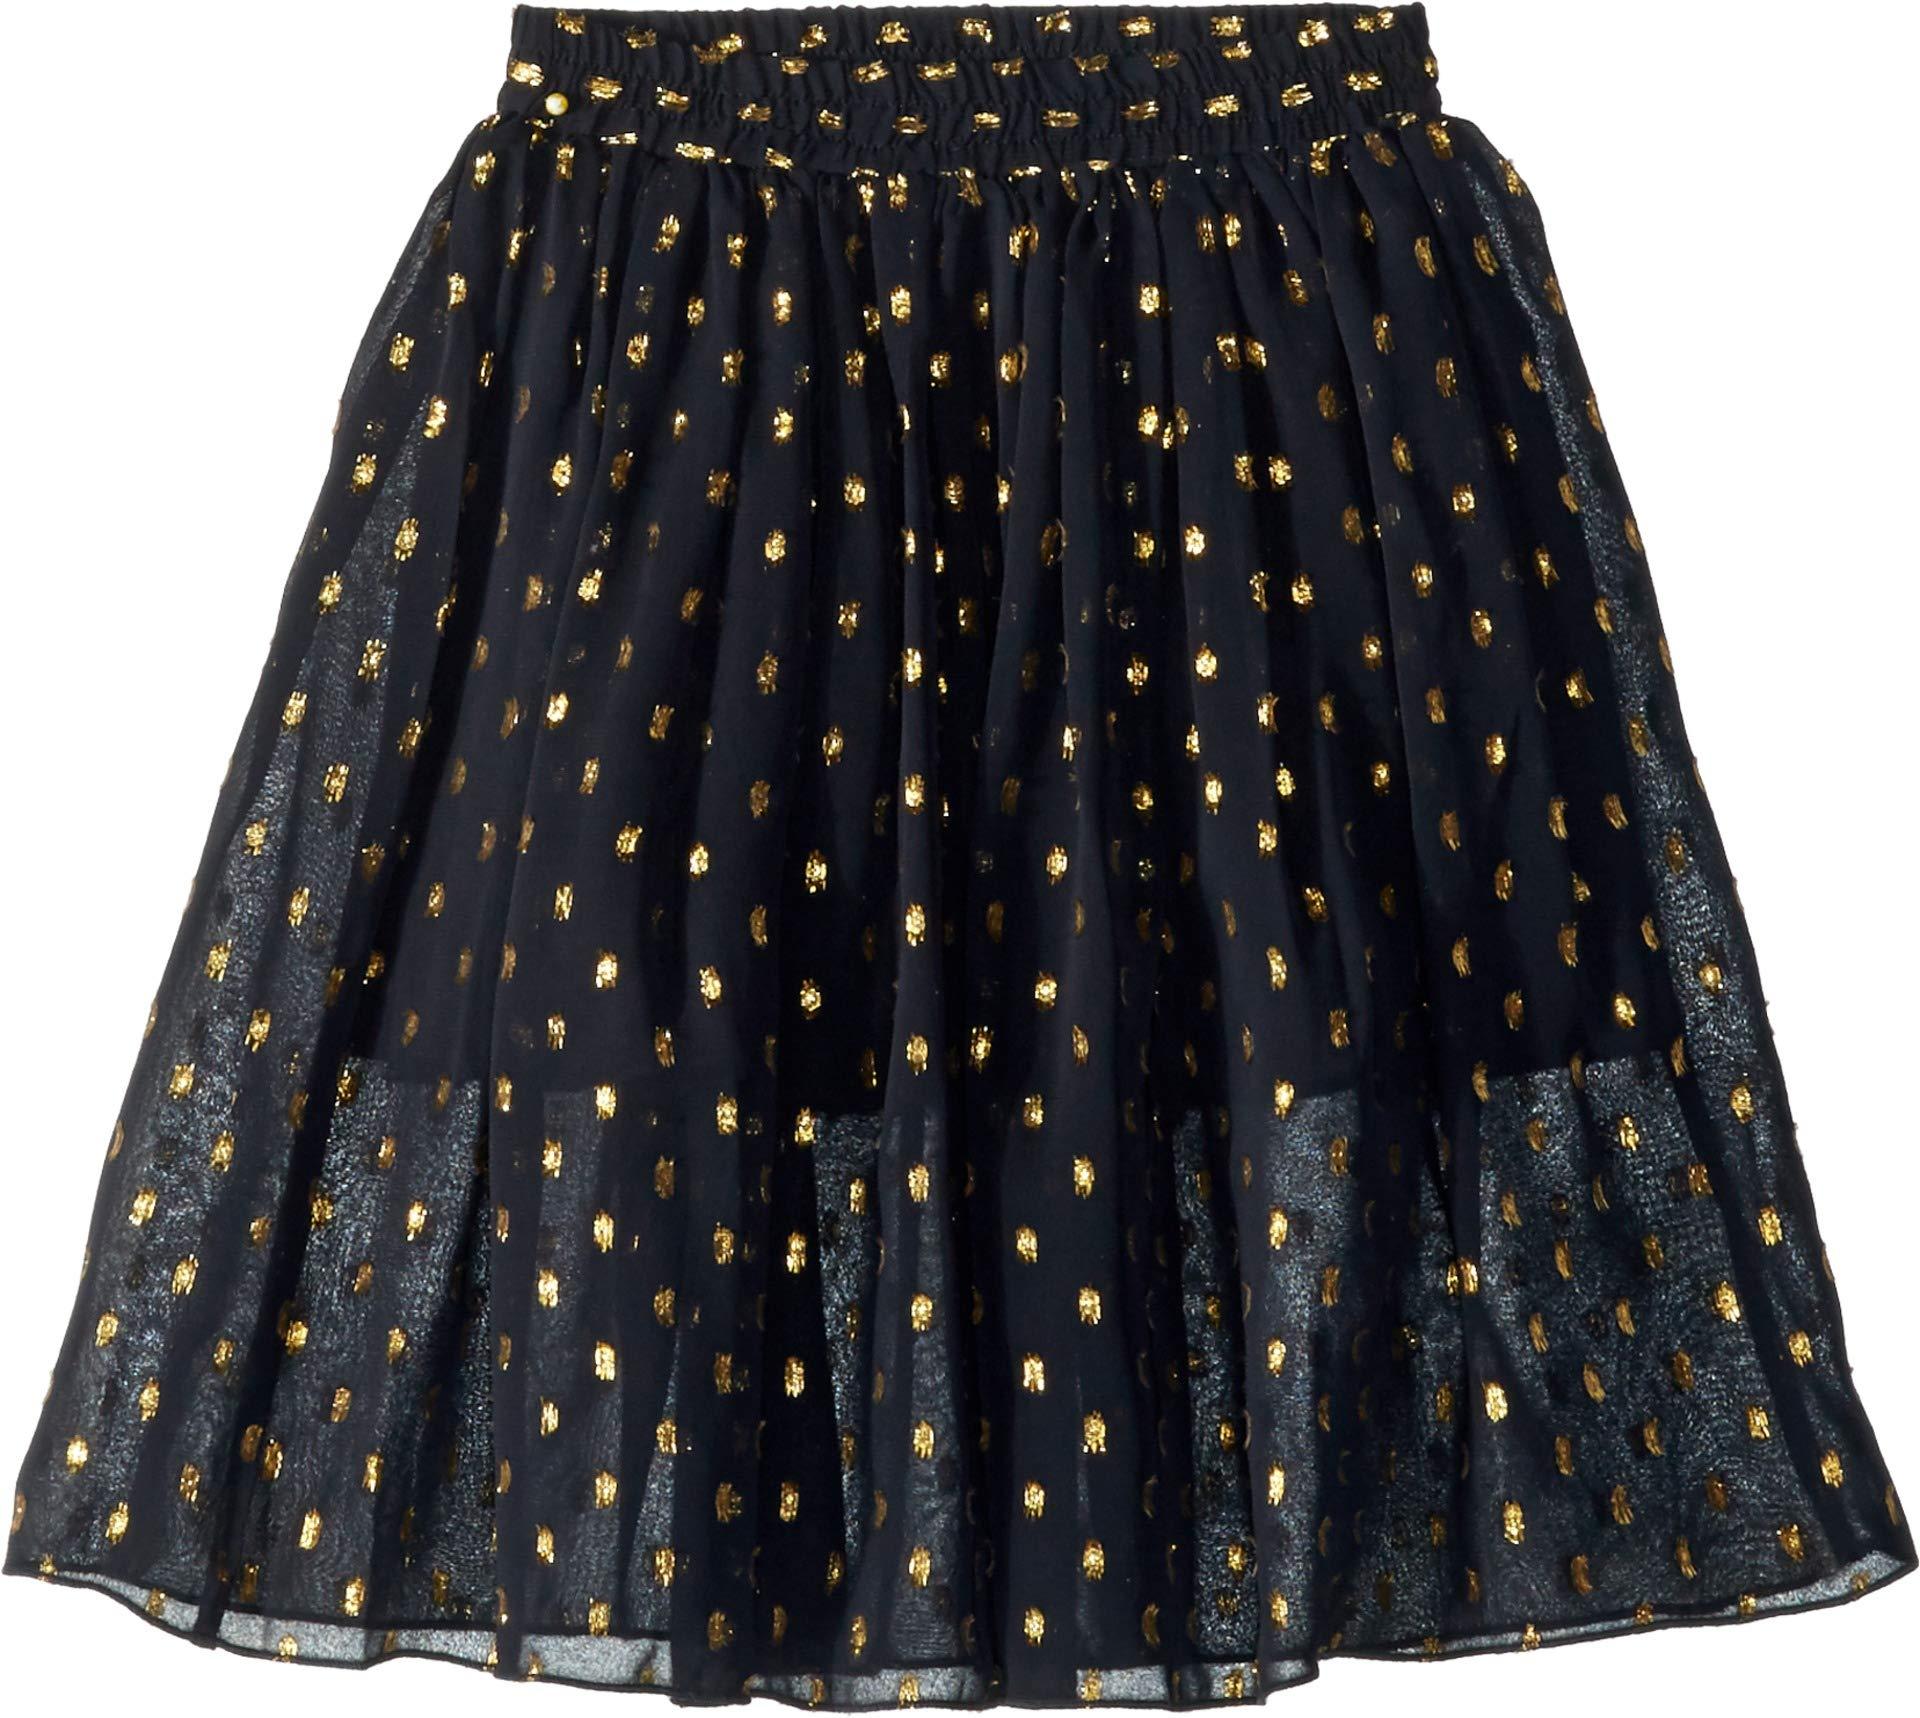 Stella McCartney Kids Baby Girl's Amalie Gold Polka Dot Tulle Overlay Skirt (Toddler/Little Kids/Big Kids) Black 4T